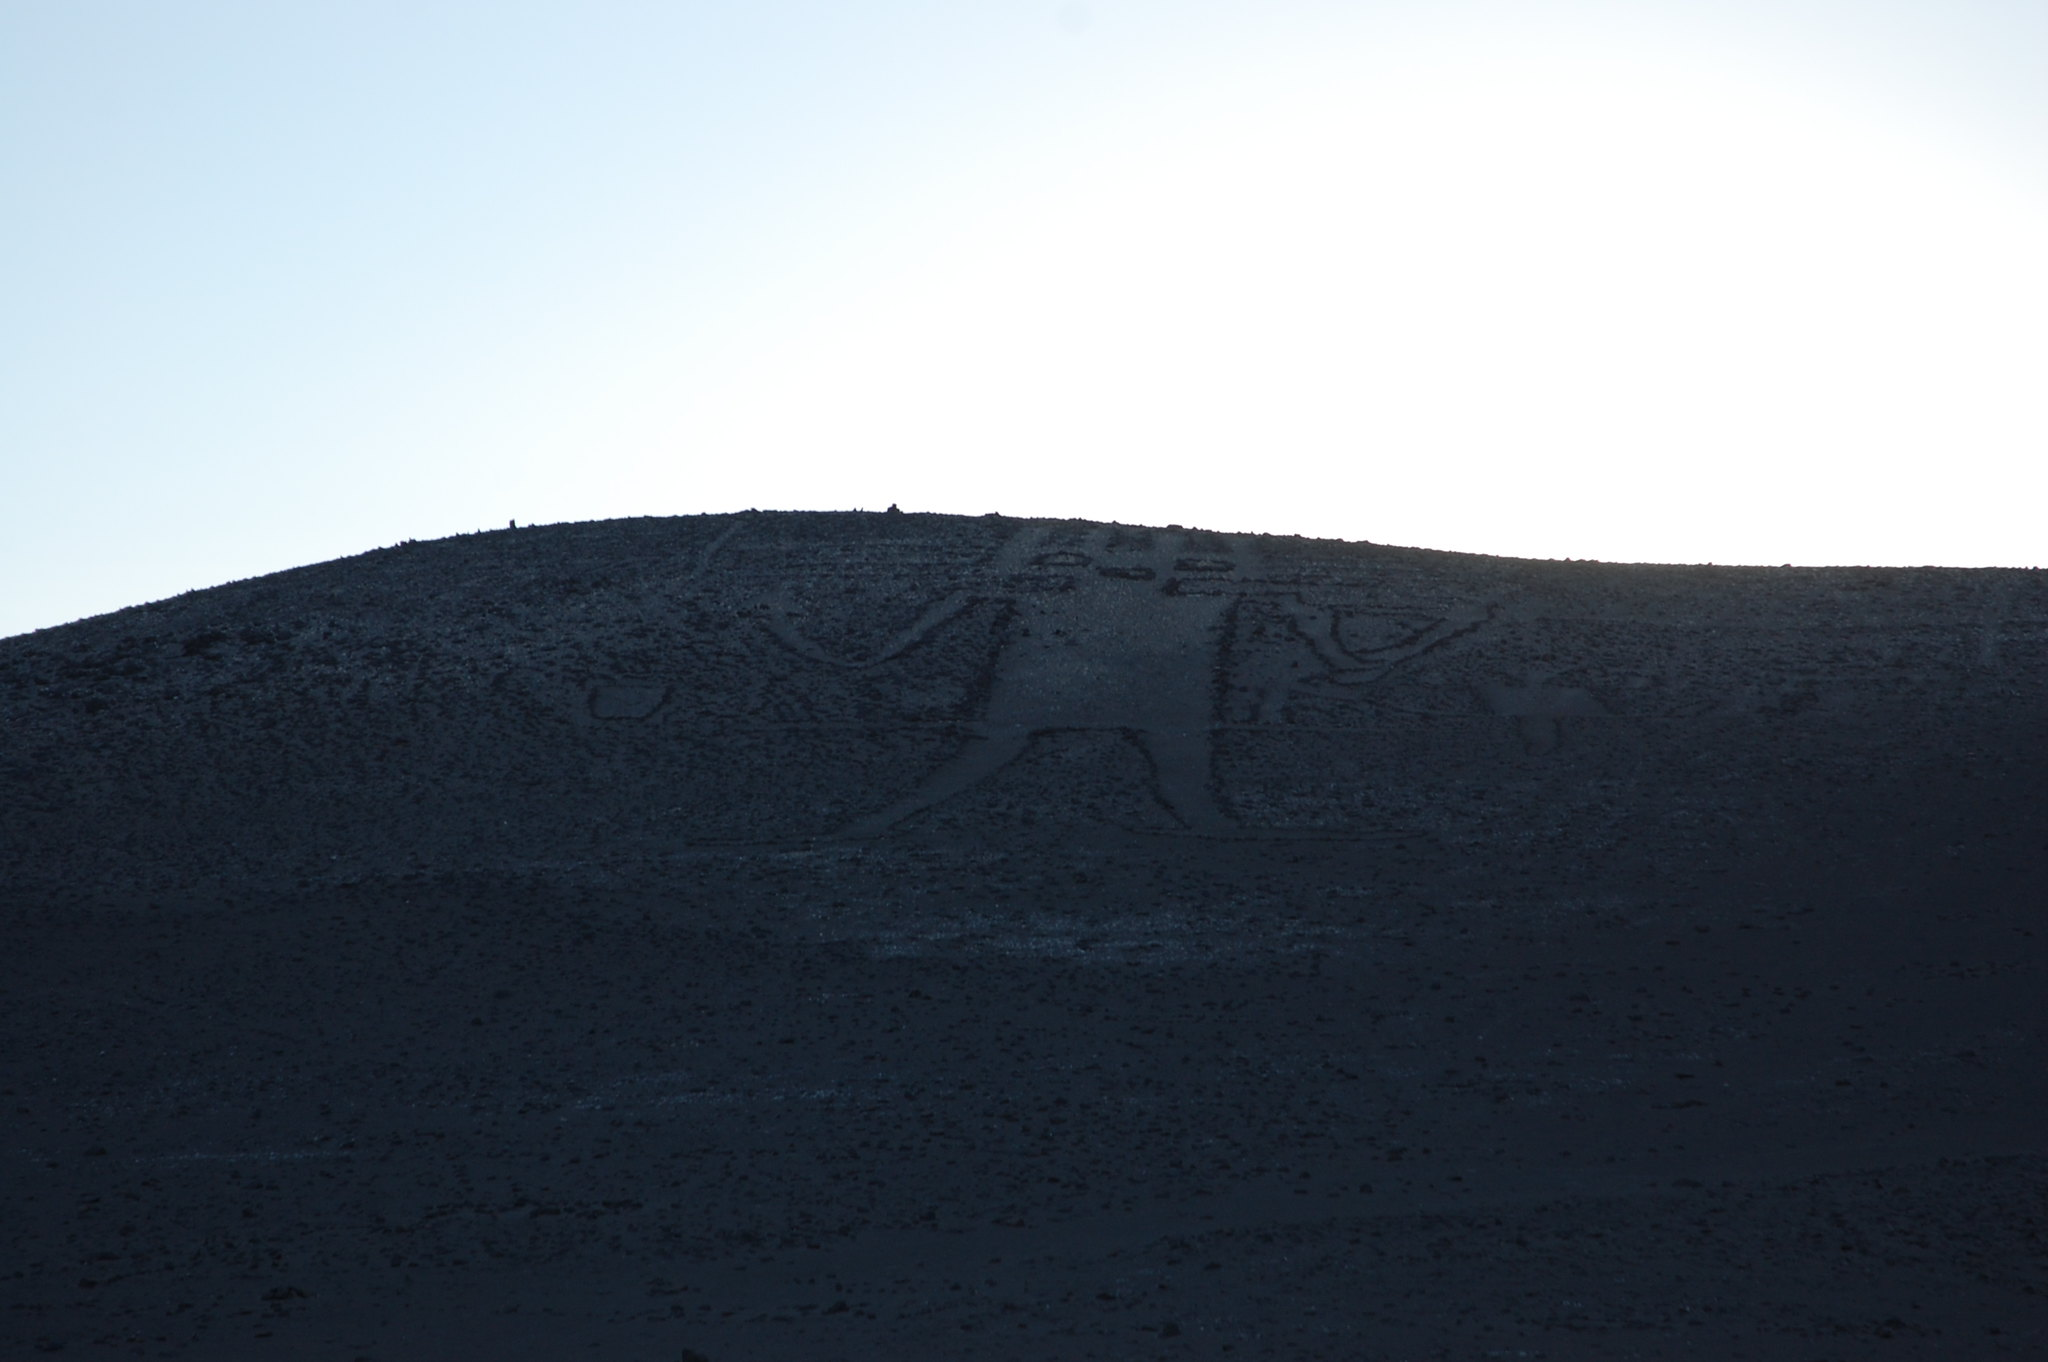 Gigante de Atacama, near Iquique, Tarapacá, Chile